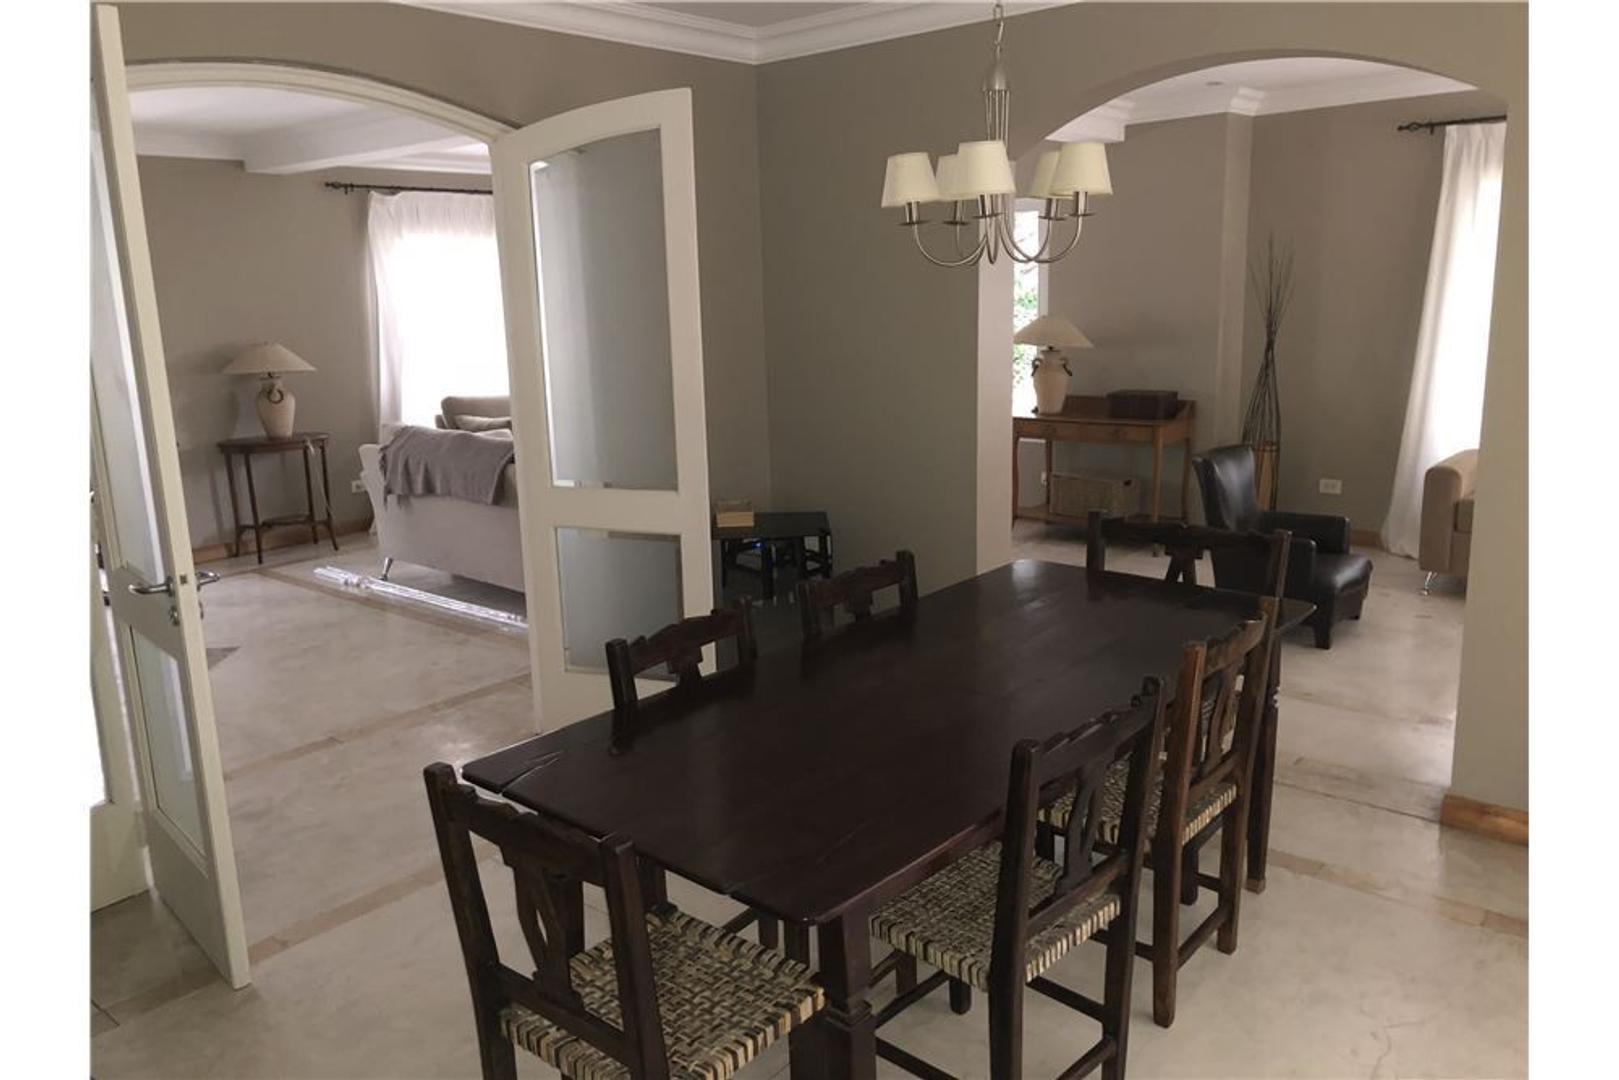 Casa - 350 m² | 4 dormitorios | 17 años